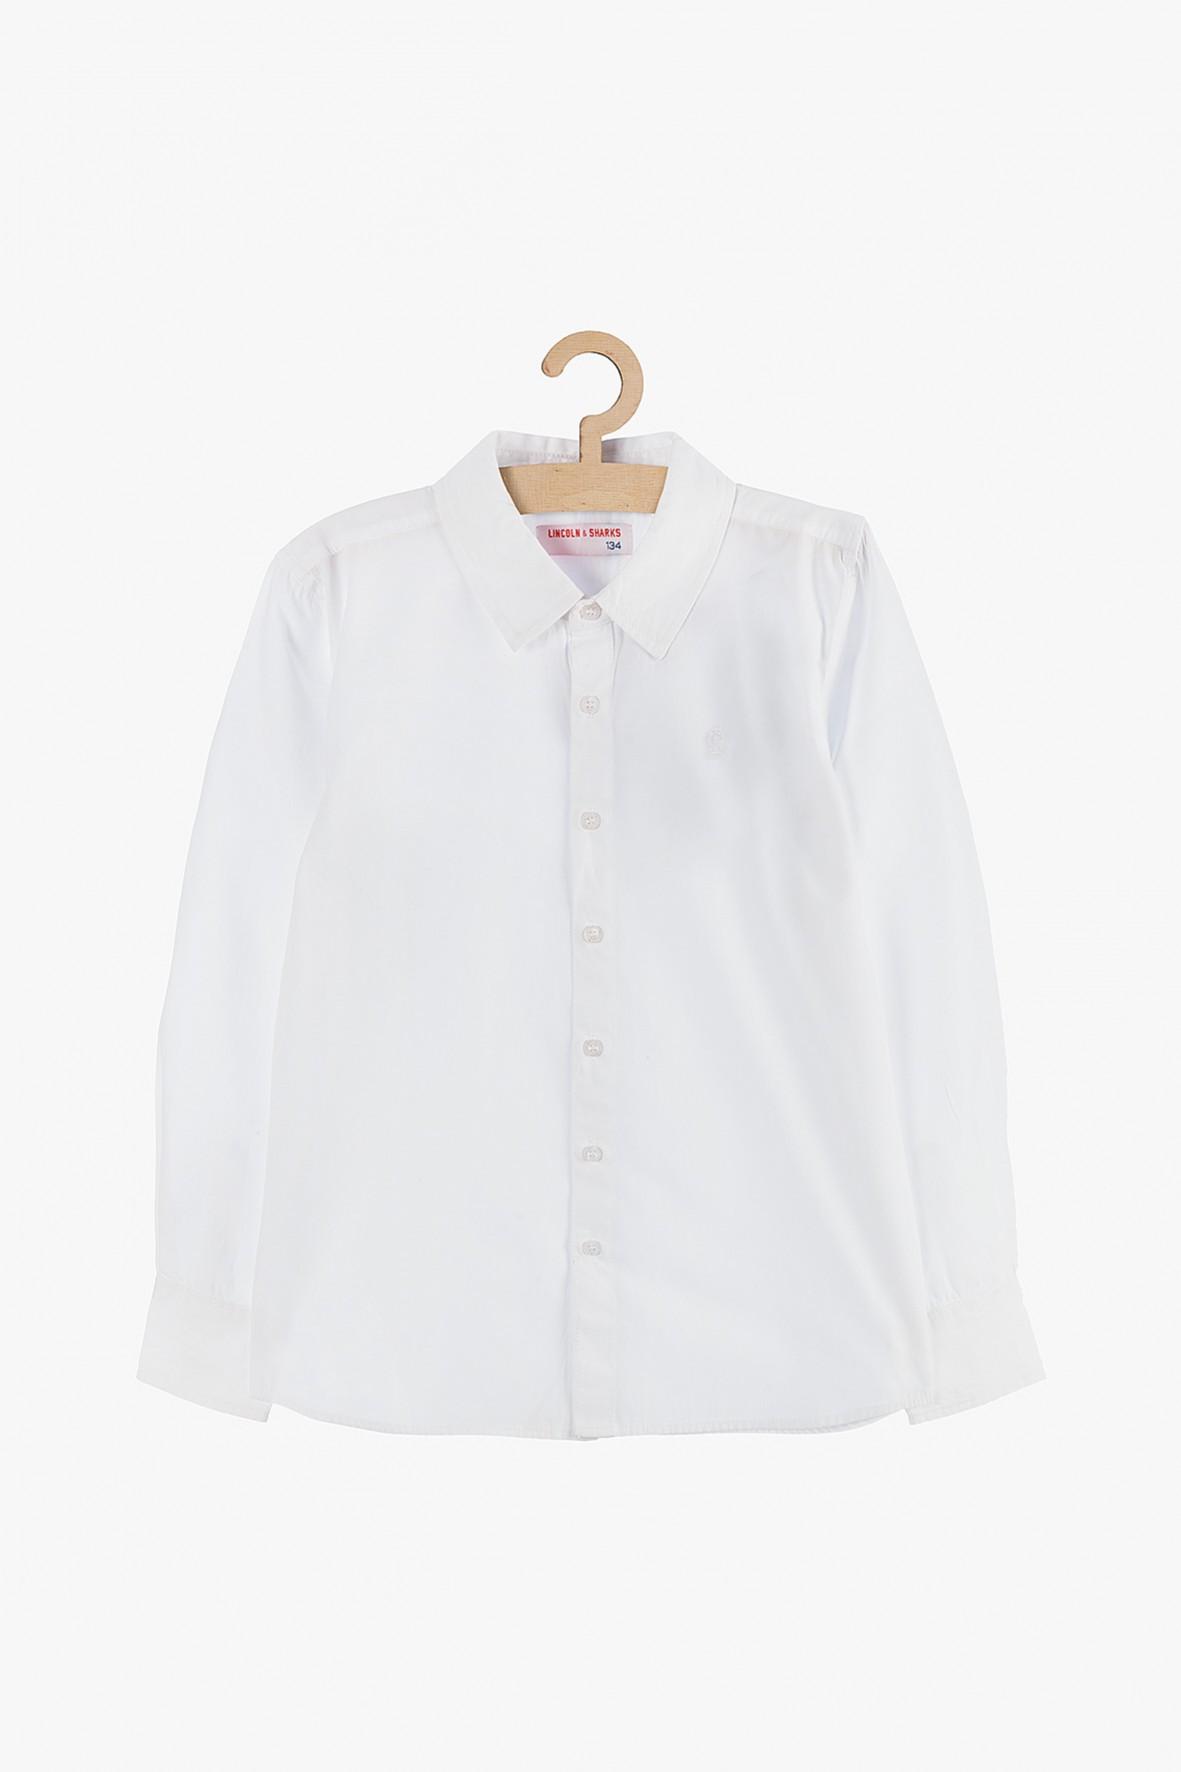 Koszula chłopięca rozpinana biała-elegancka